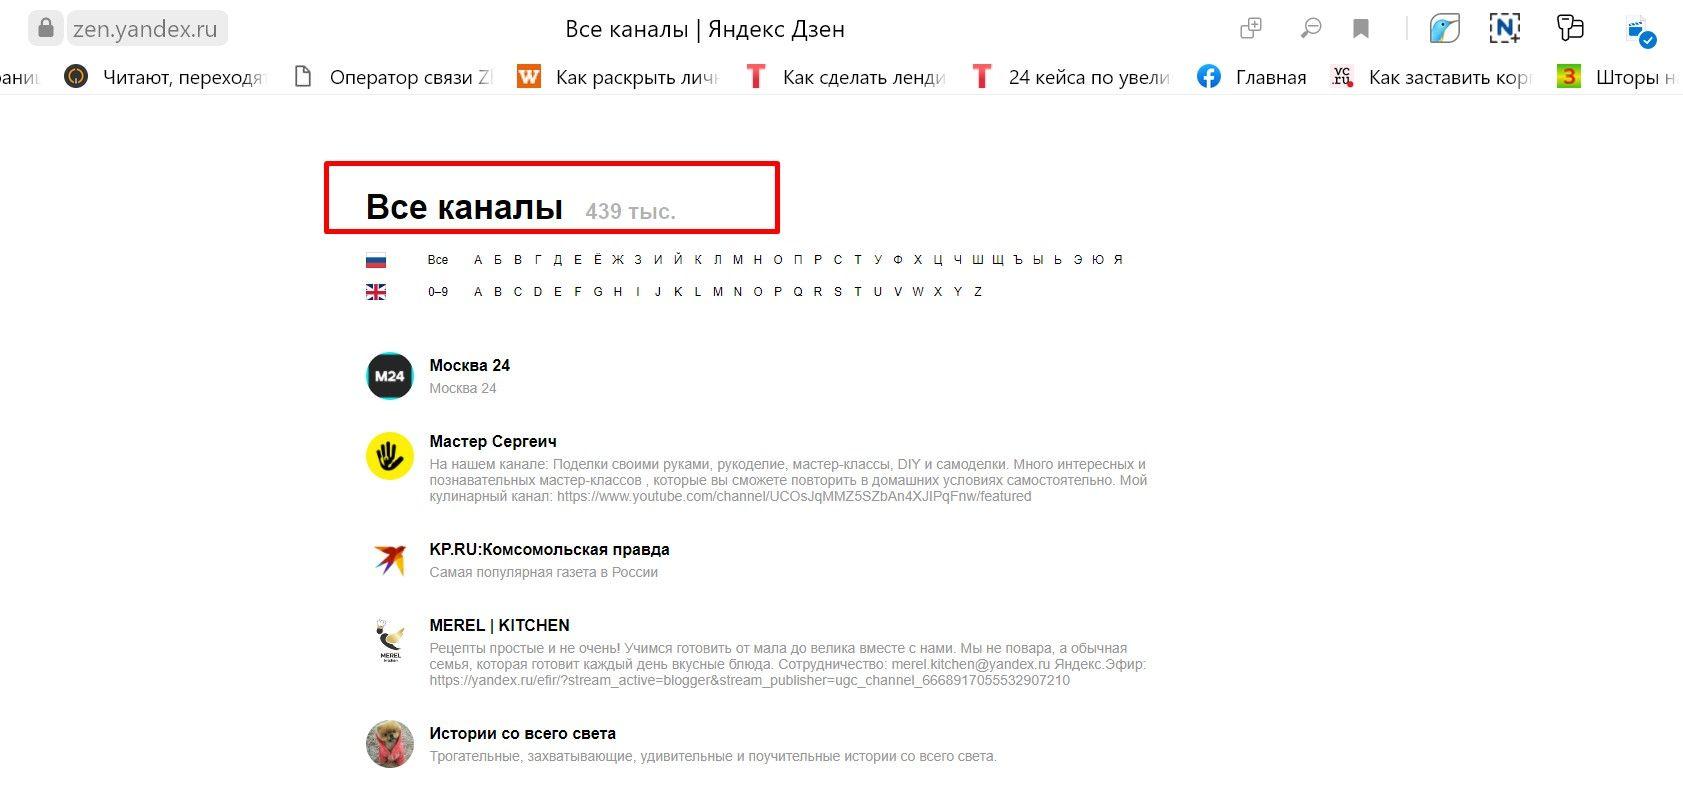 439 000 блогов на Яндекс.Дзене насчитывалось в марте 2021 года